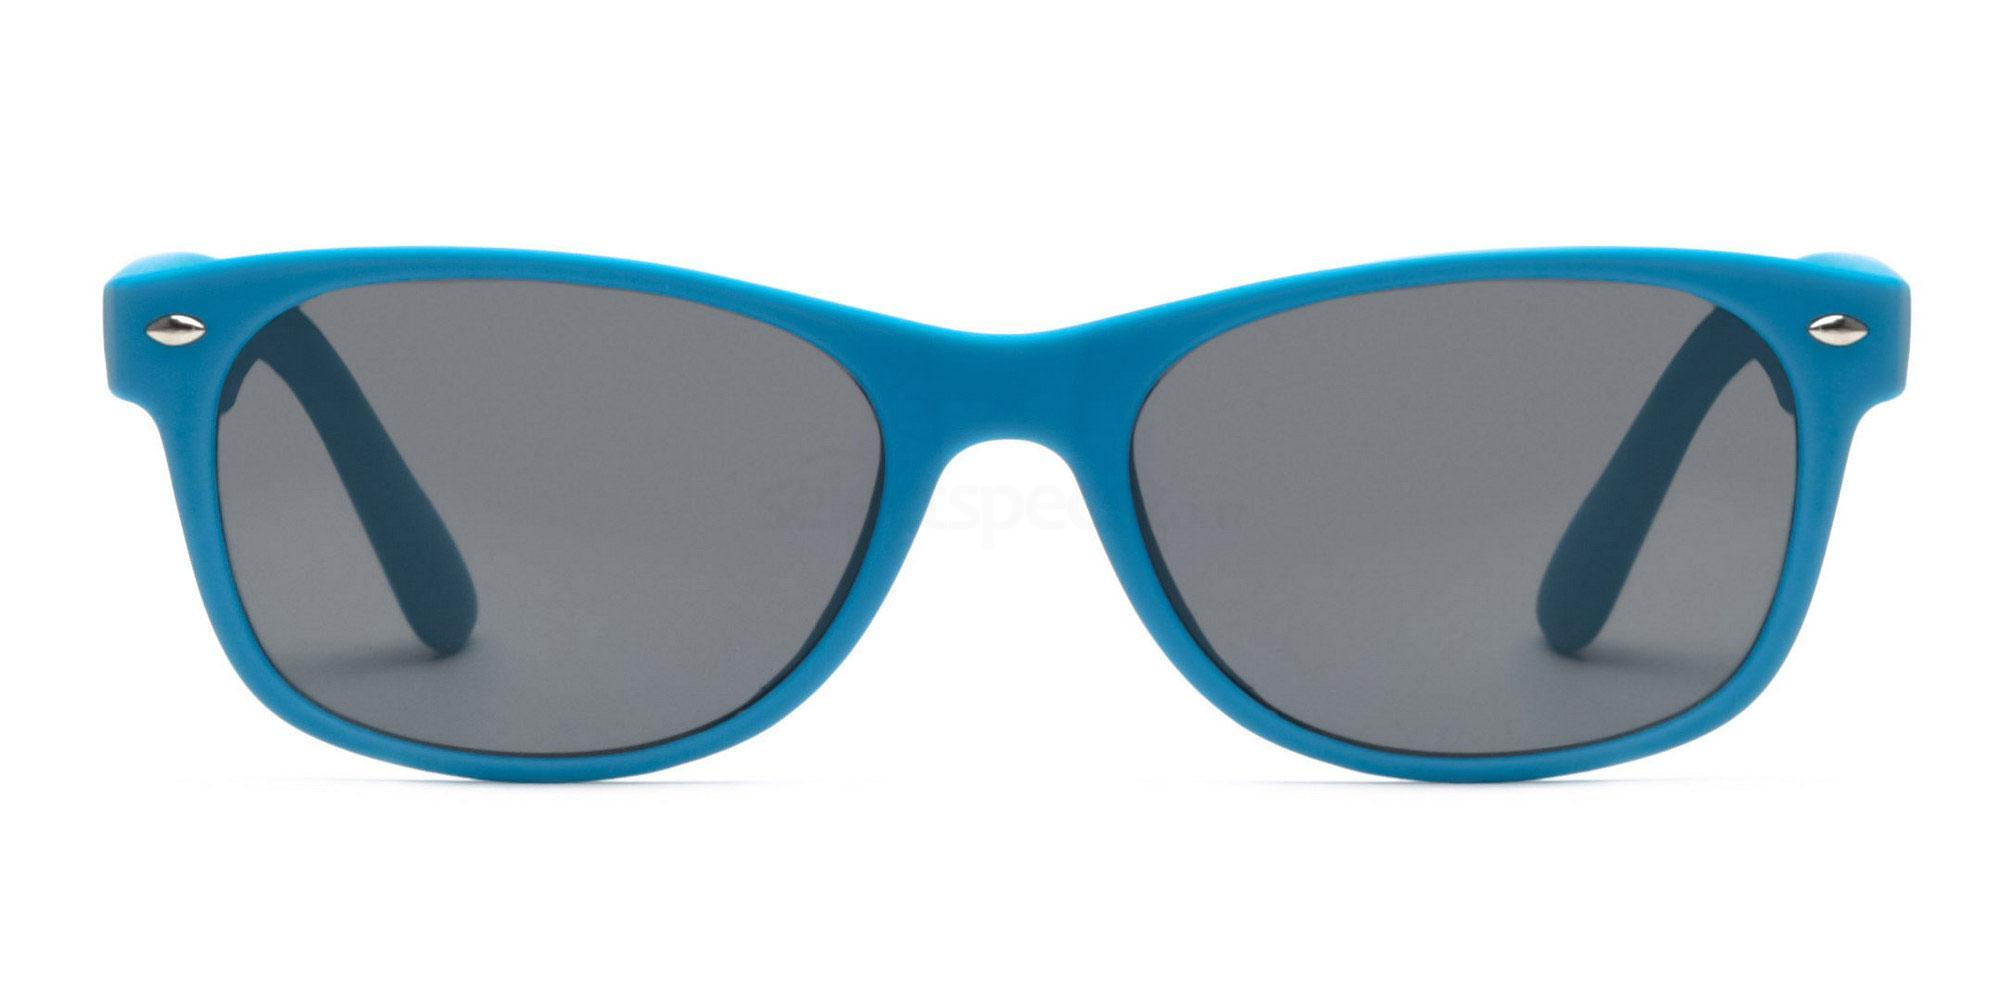 cheap festival sunglasses for men